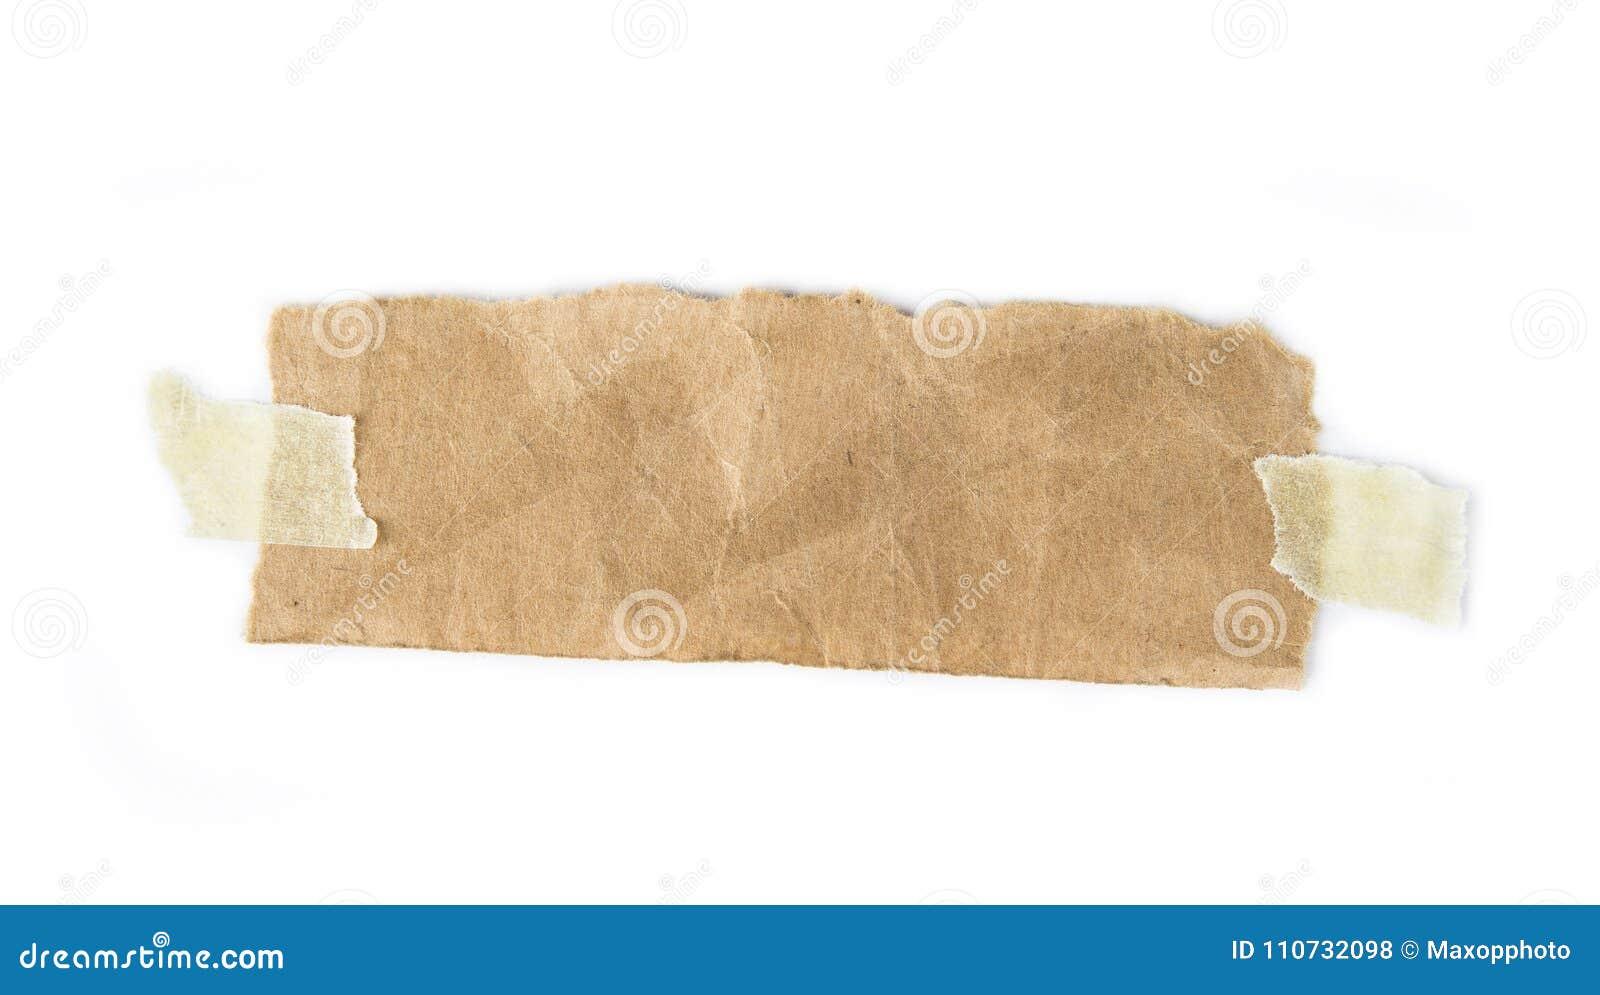 Kawałki poszarpany nutowy papier ciąć na arkusze z adhezyjną kleistą taśmą wtykającą